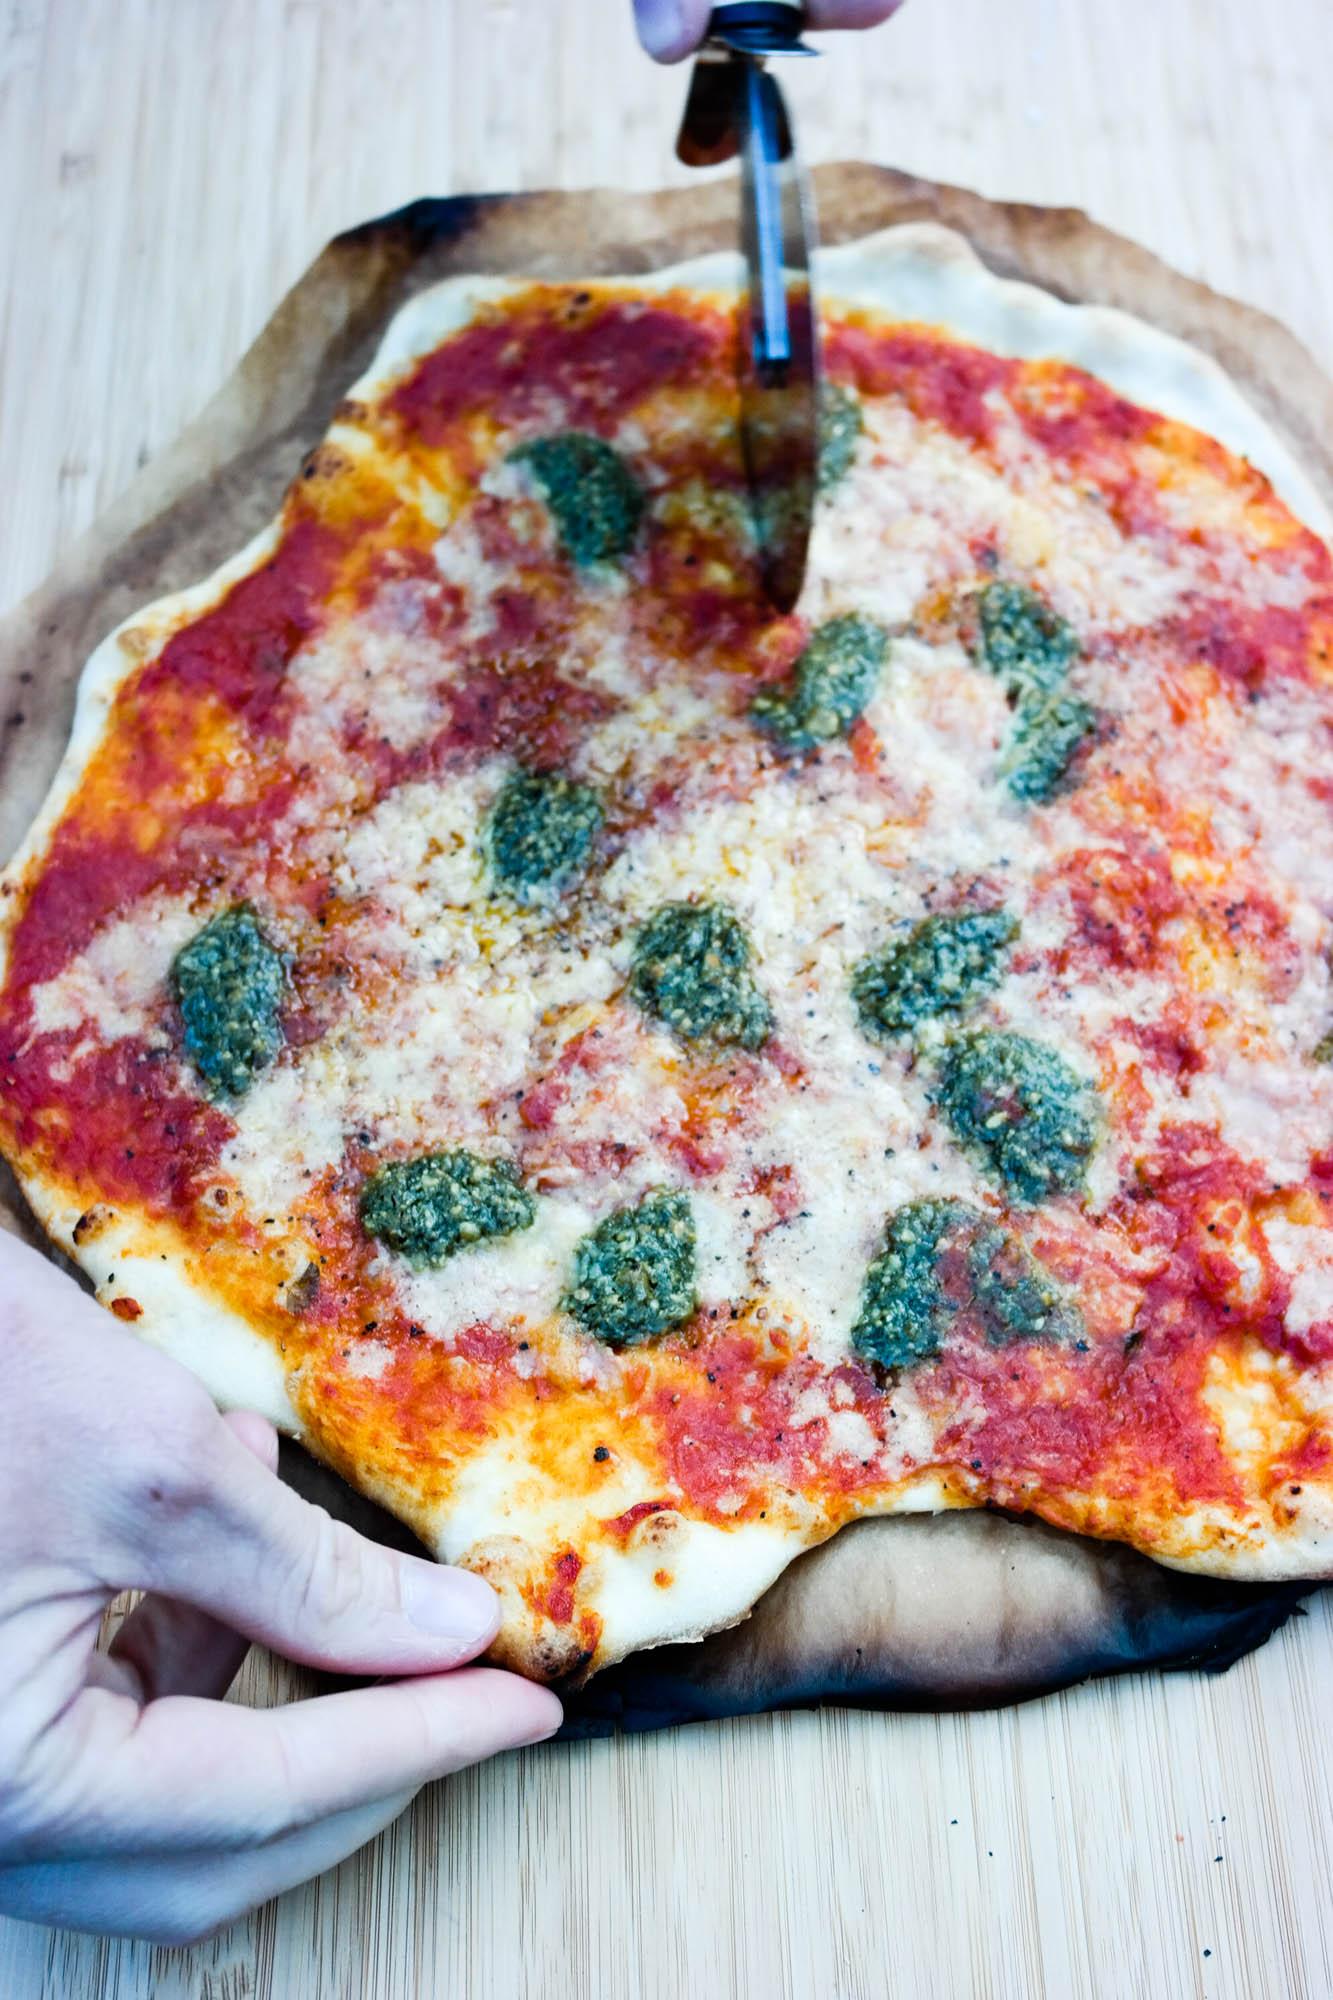 Om du kan grille pizza? Ja, det kan du! Pizza med vegansk ost og tomatsaus, for eksempel.